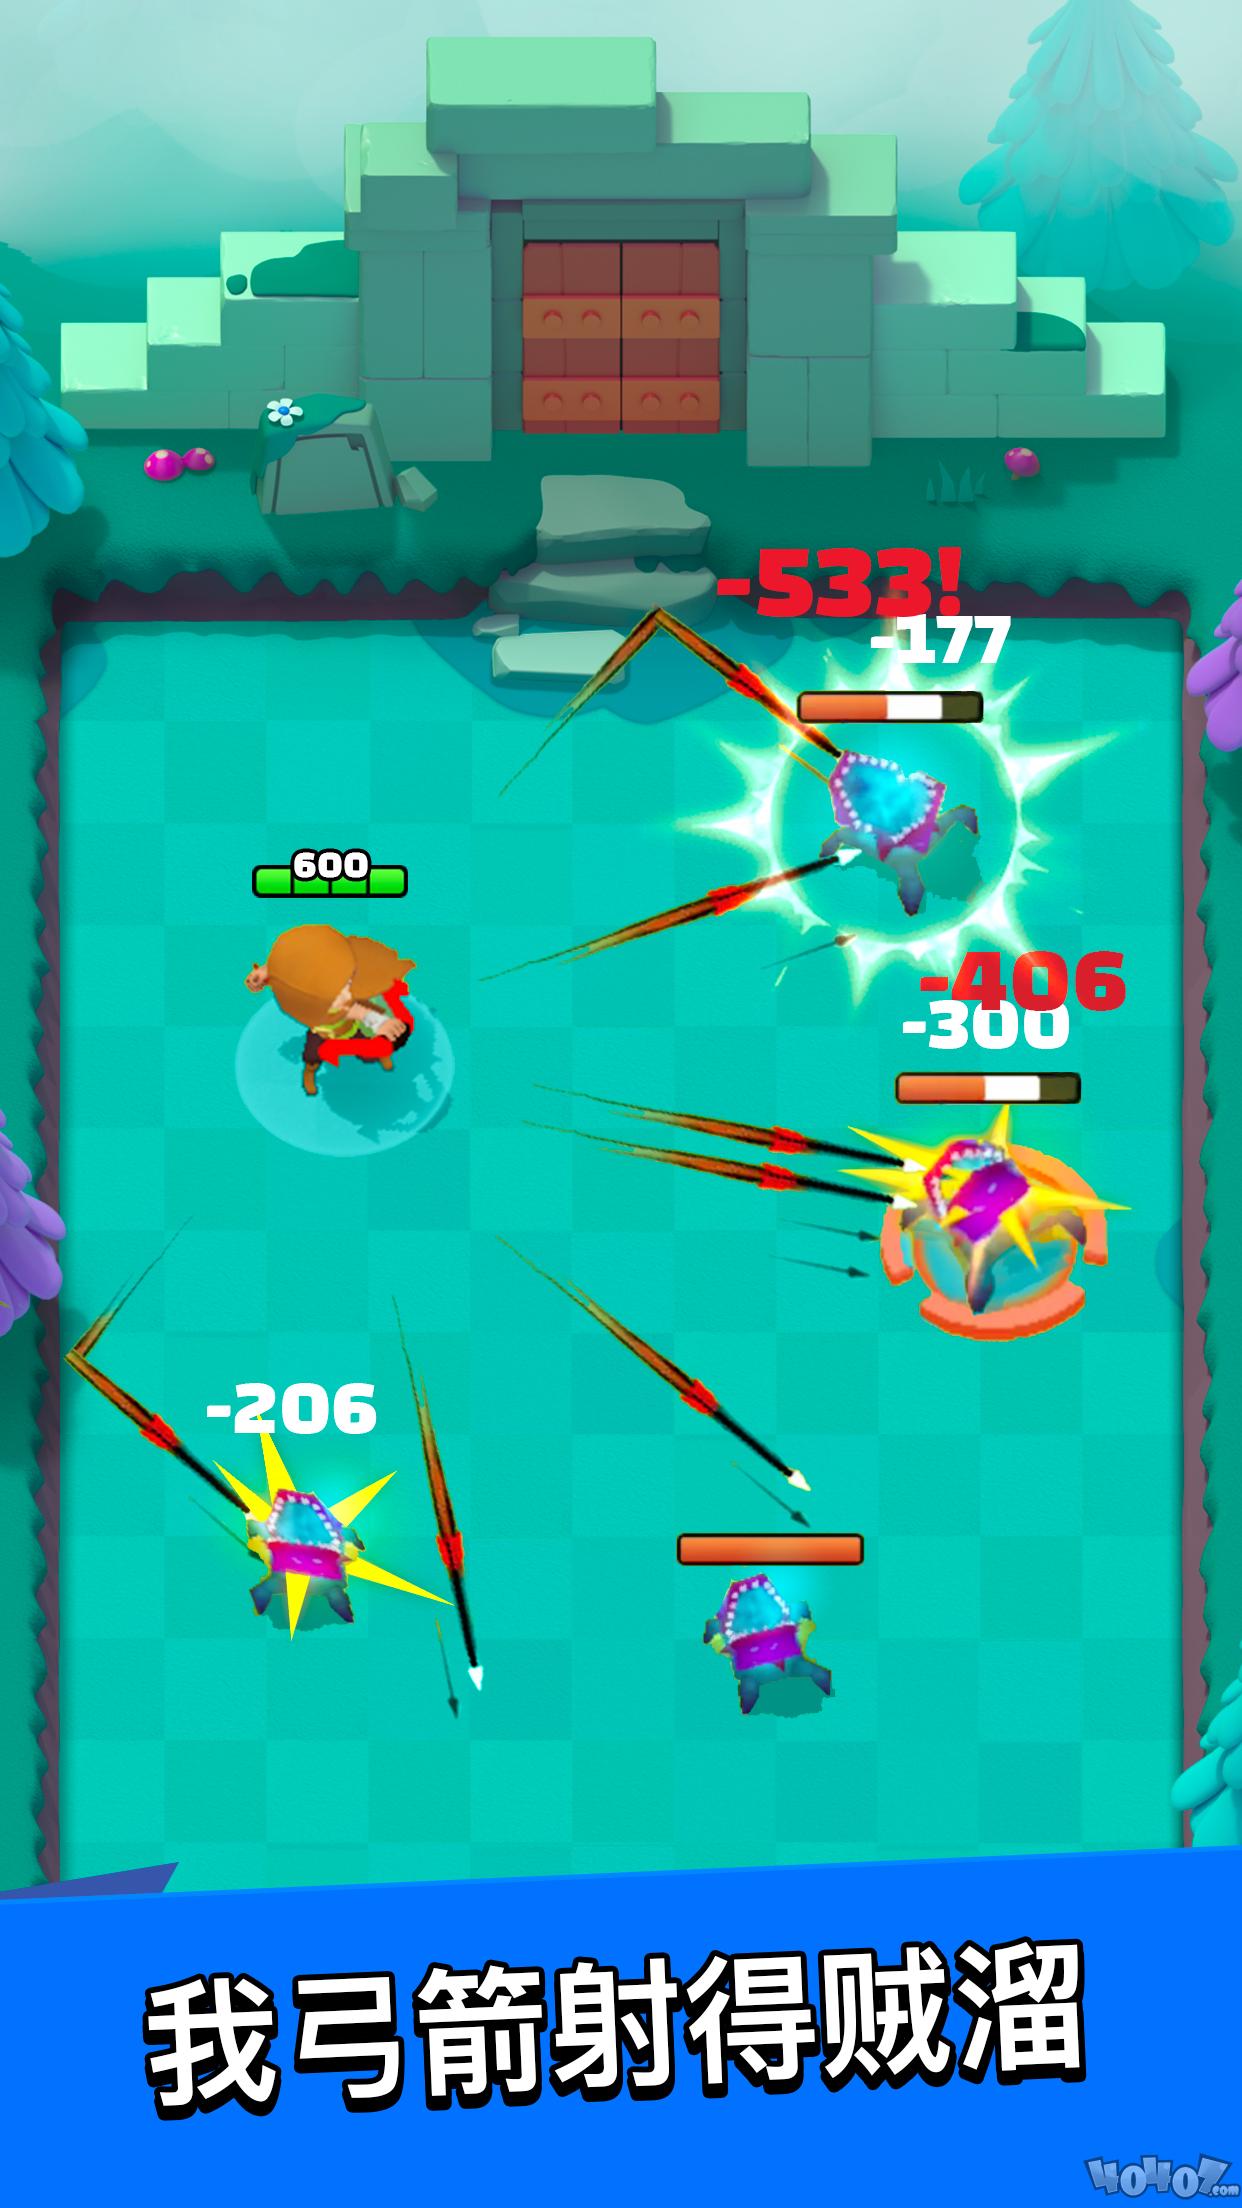 《弓箭传说》技能怎么选 技能解释选择攻略